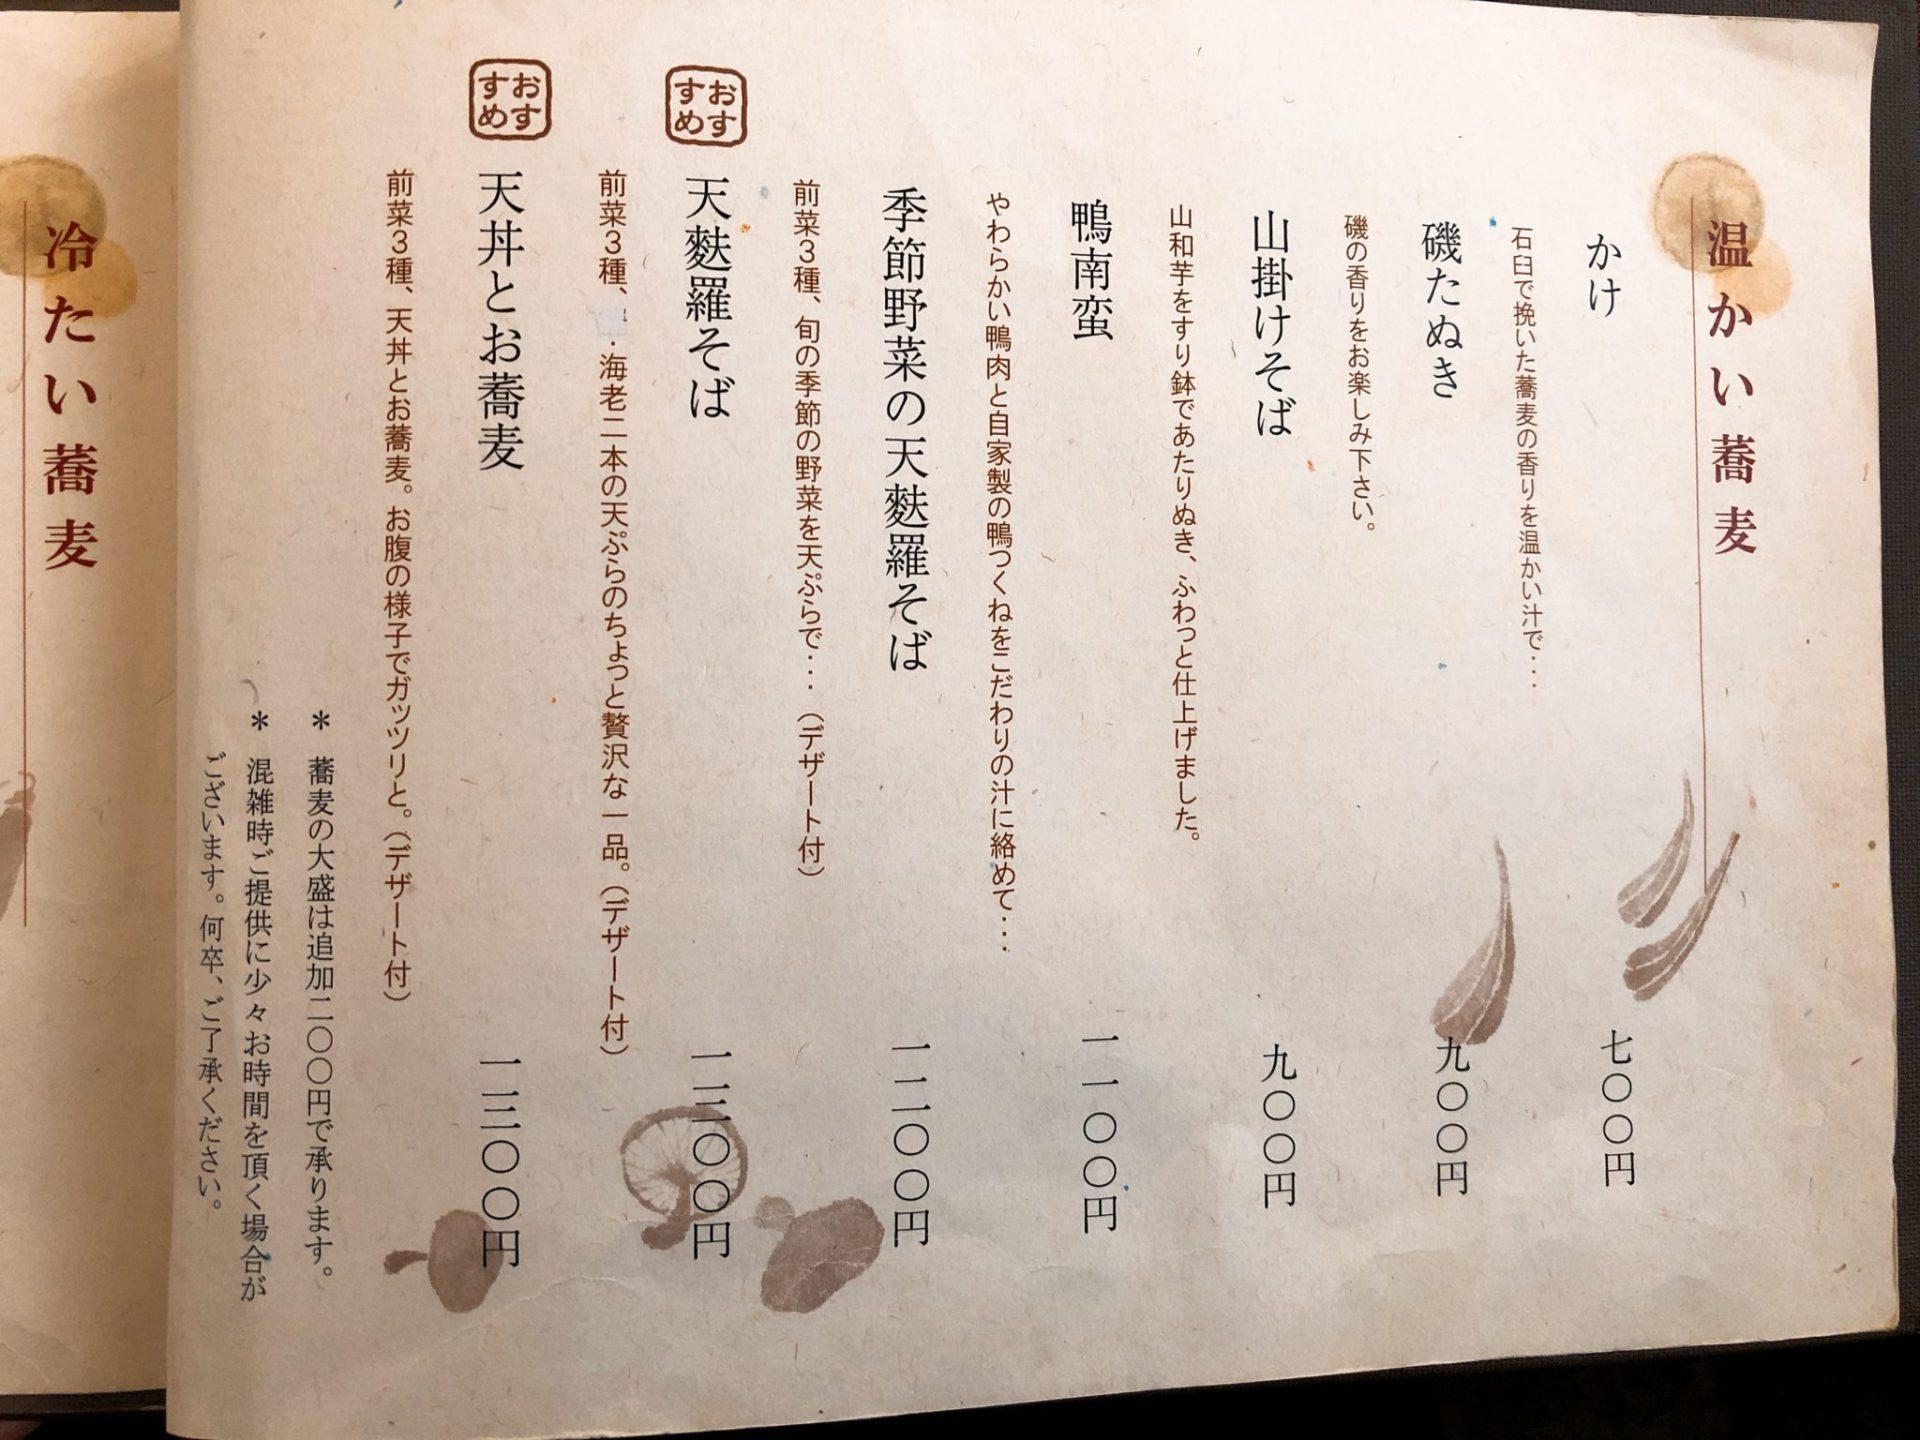 長岡屋 祖師ヶ谷大蔵の温かい蕎麦メニュー